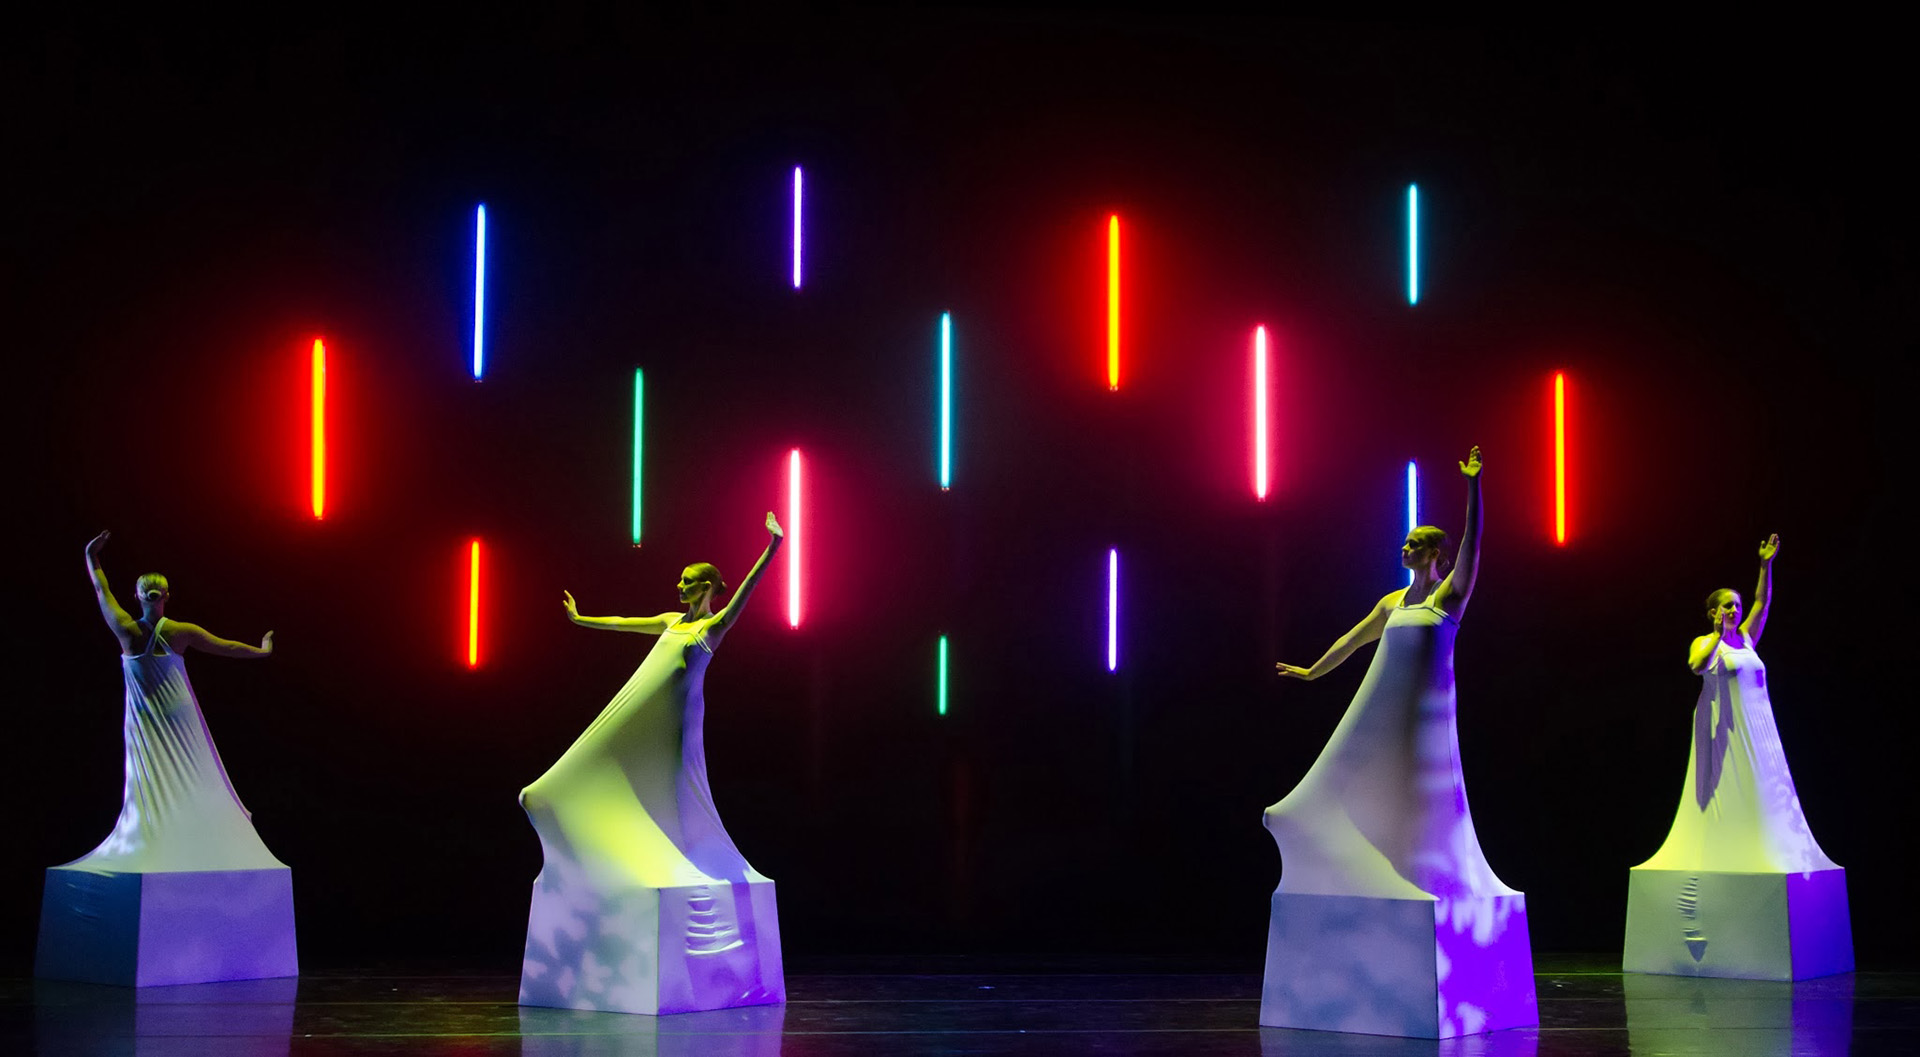 UM-Flint Dance